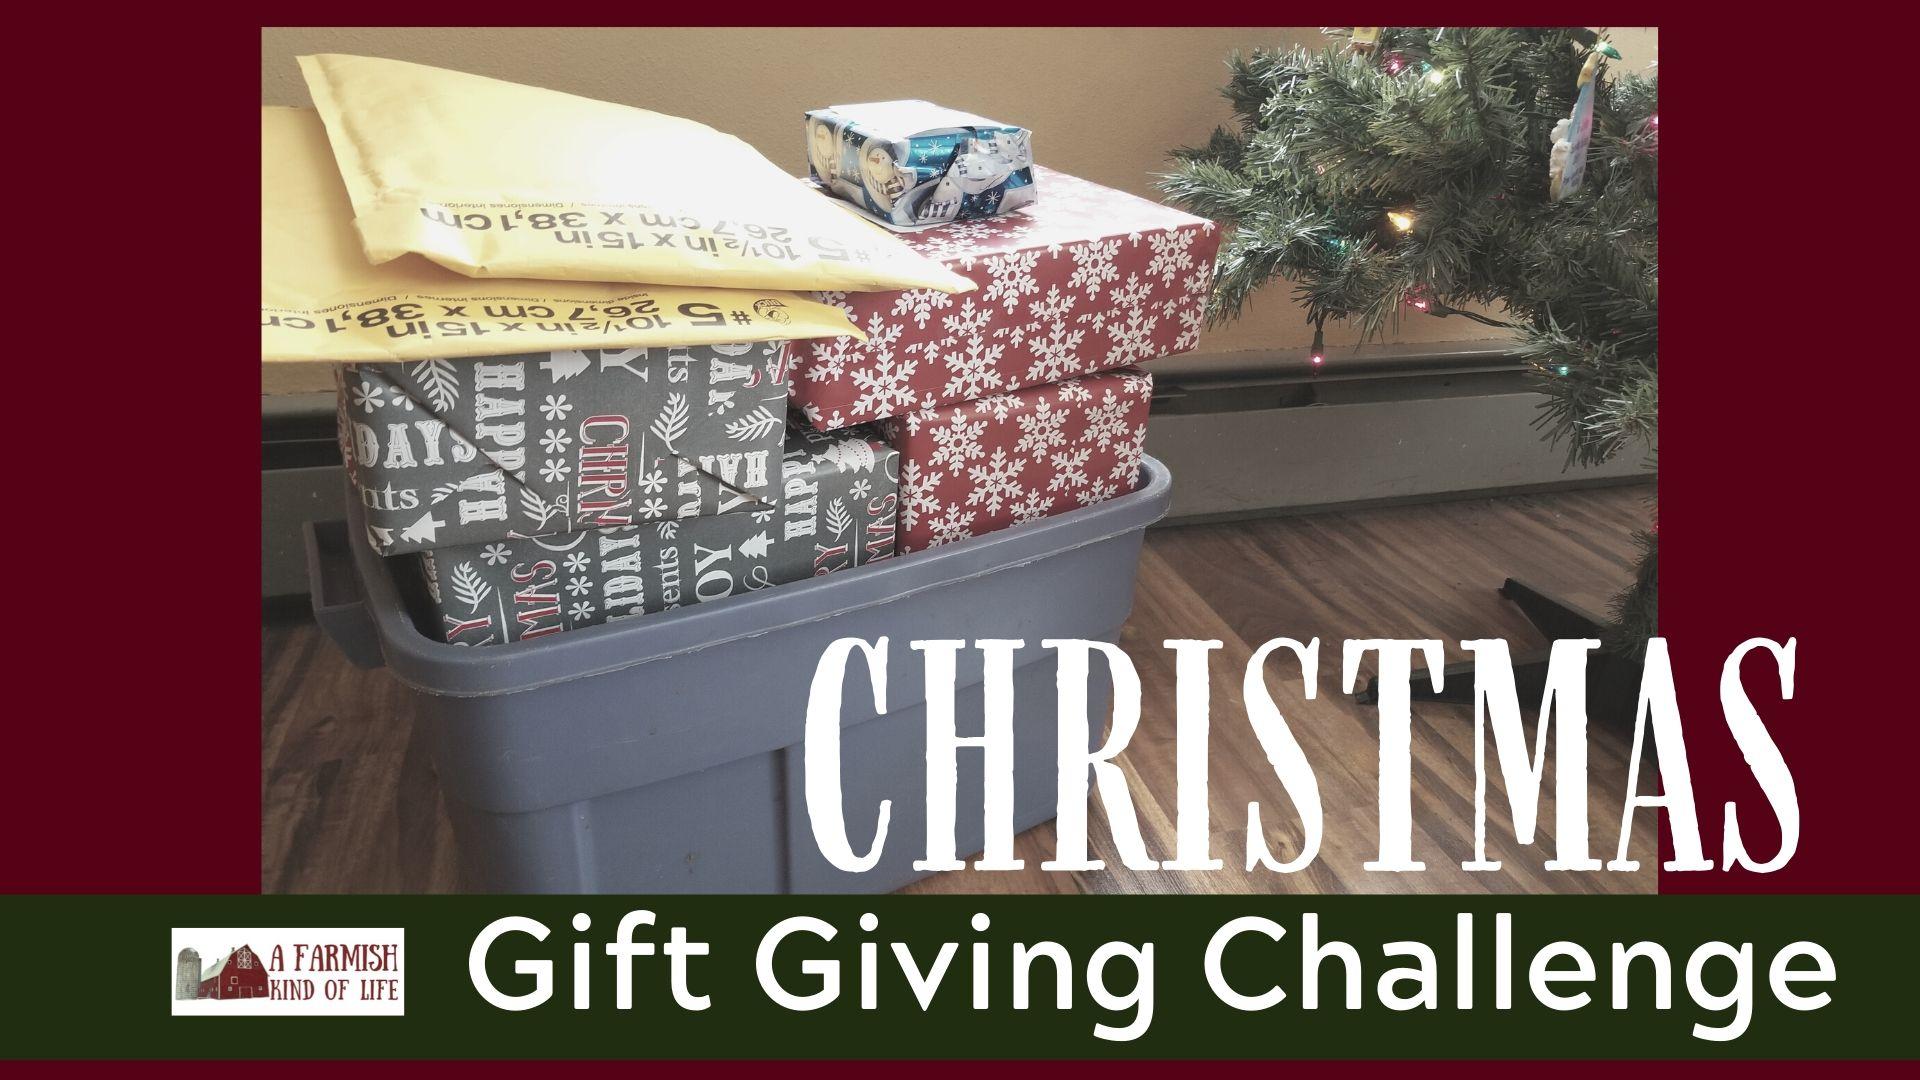 066: Christmas Gift Giving Challenge